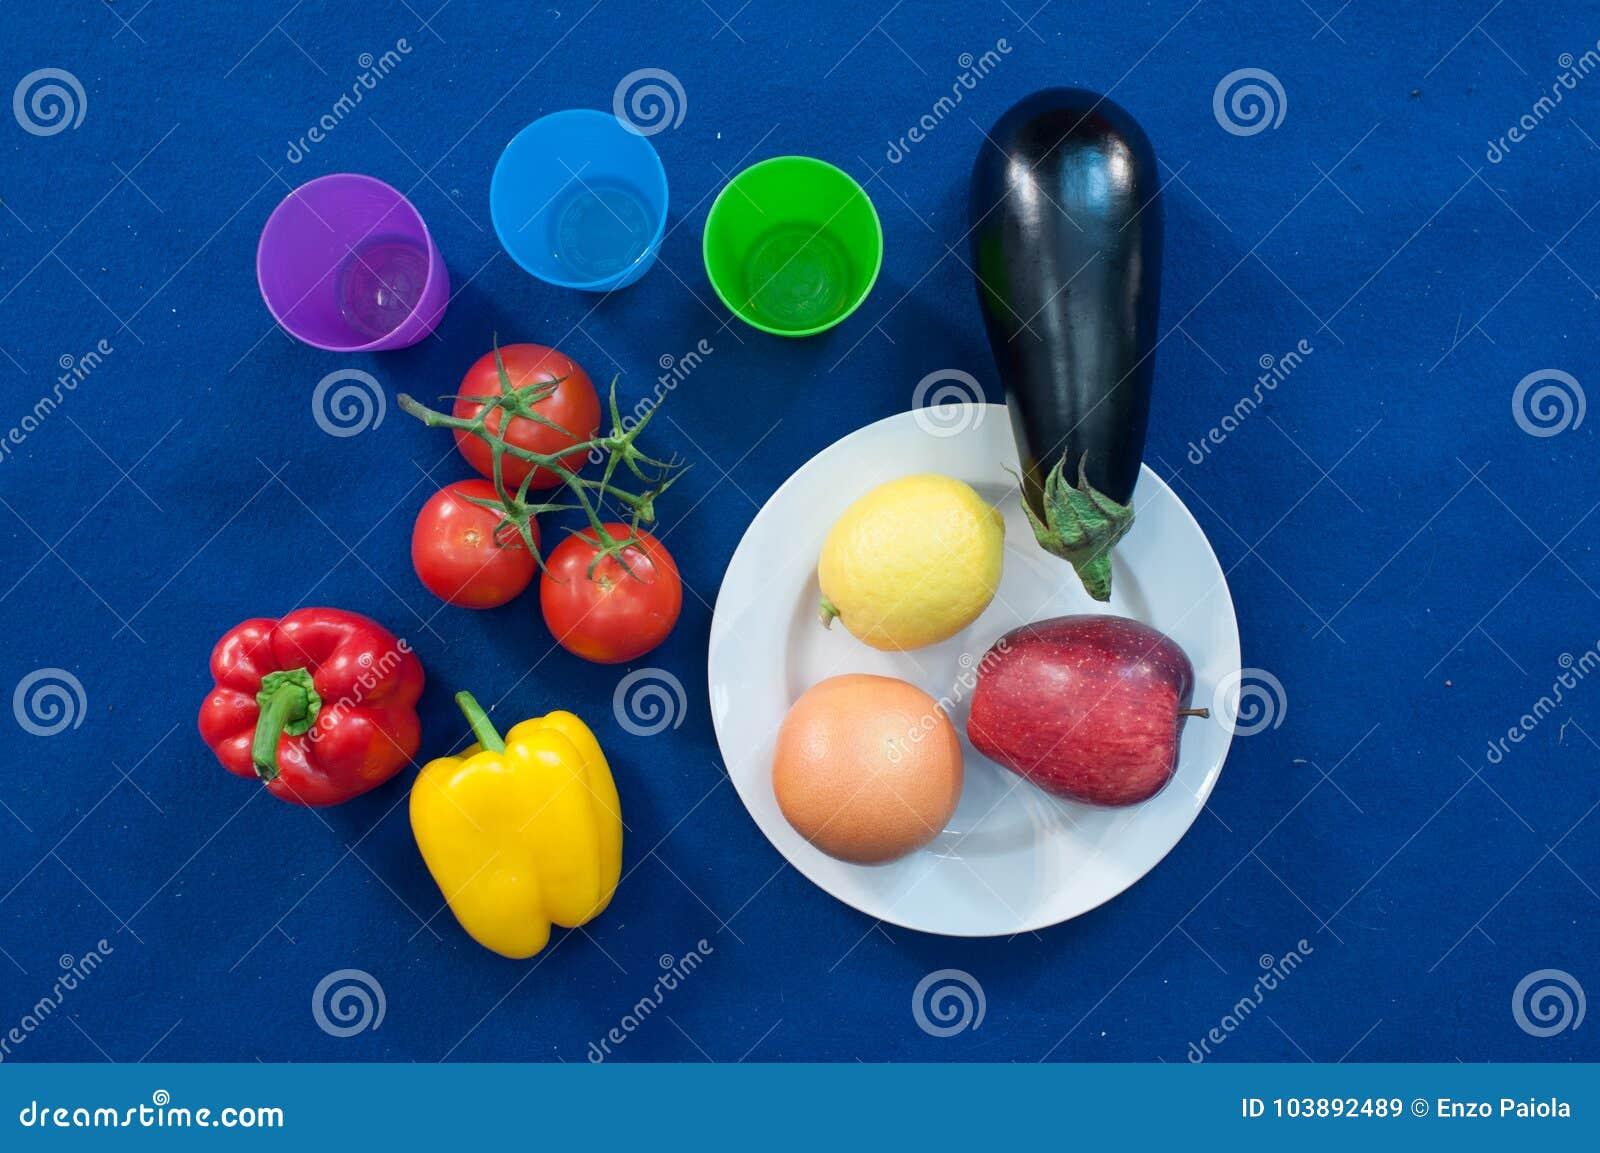 Las verduras y las frutas son una parte importante de una dieta sana, y la variedad está como importante